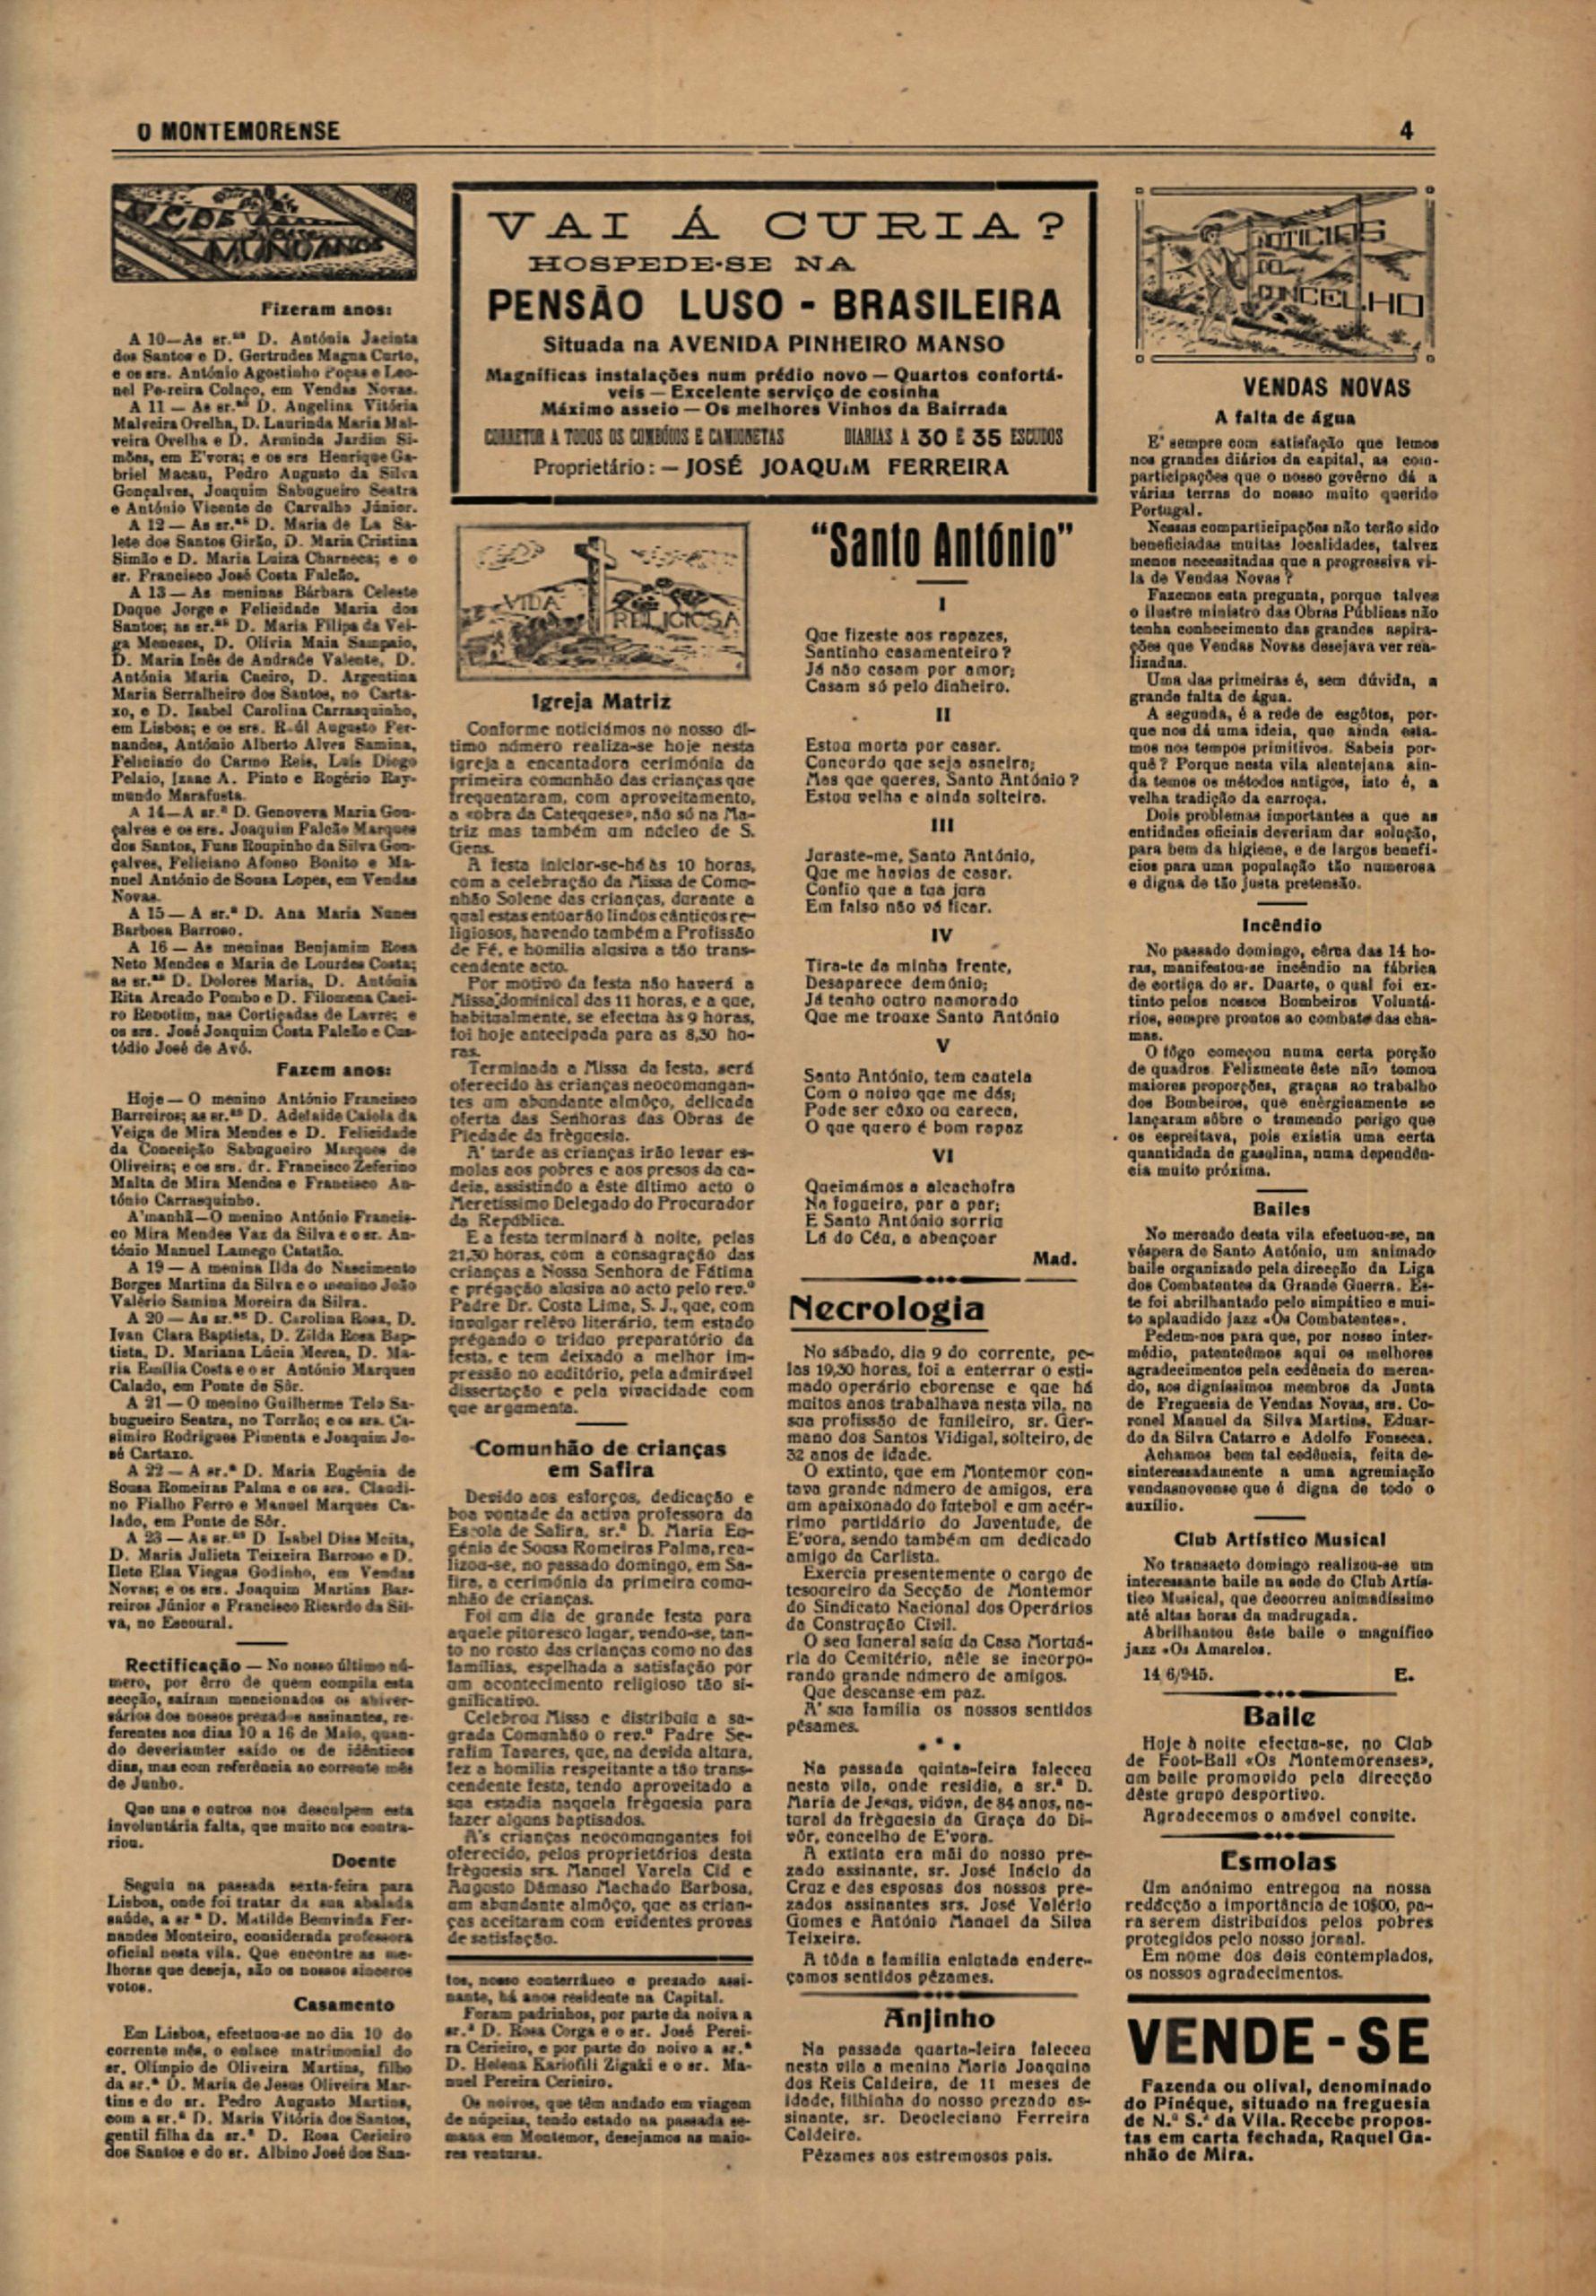 Jornal Montemorense (17-6-1945)